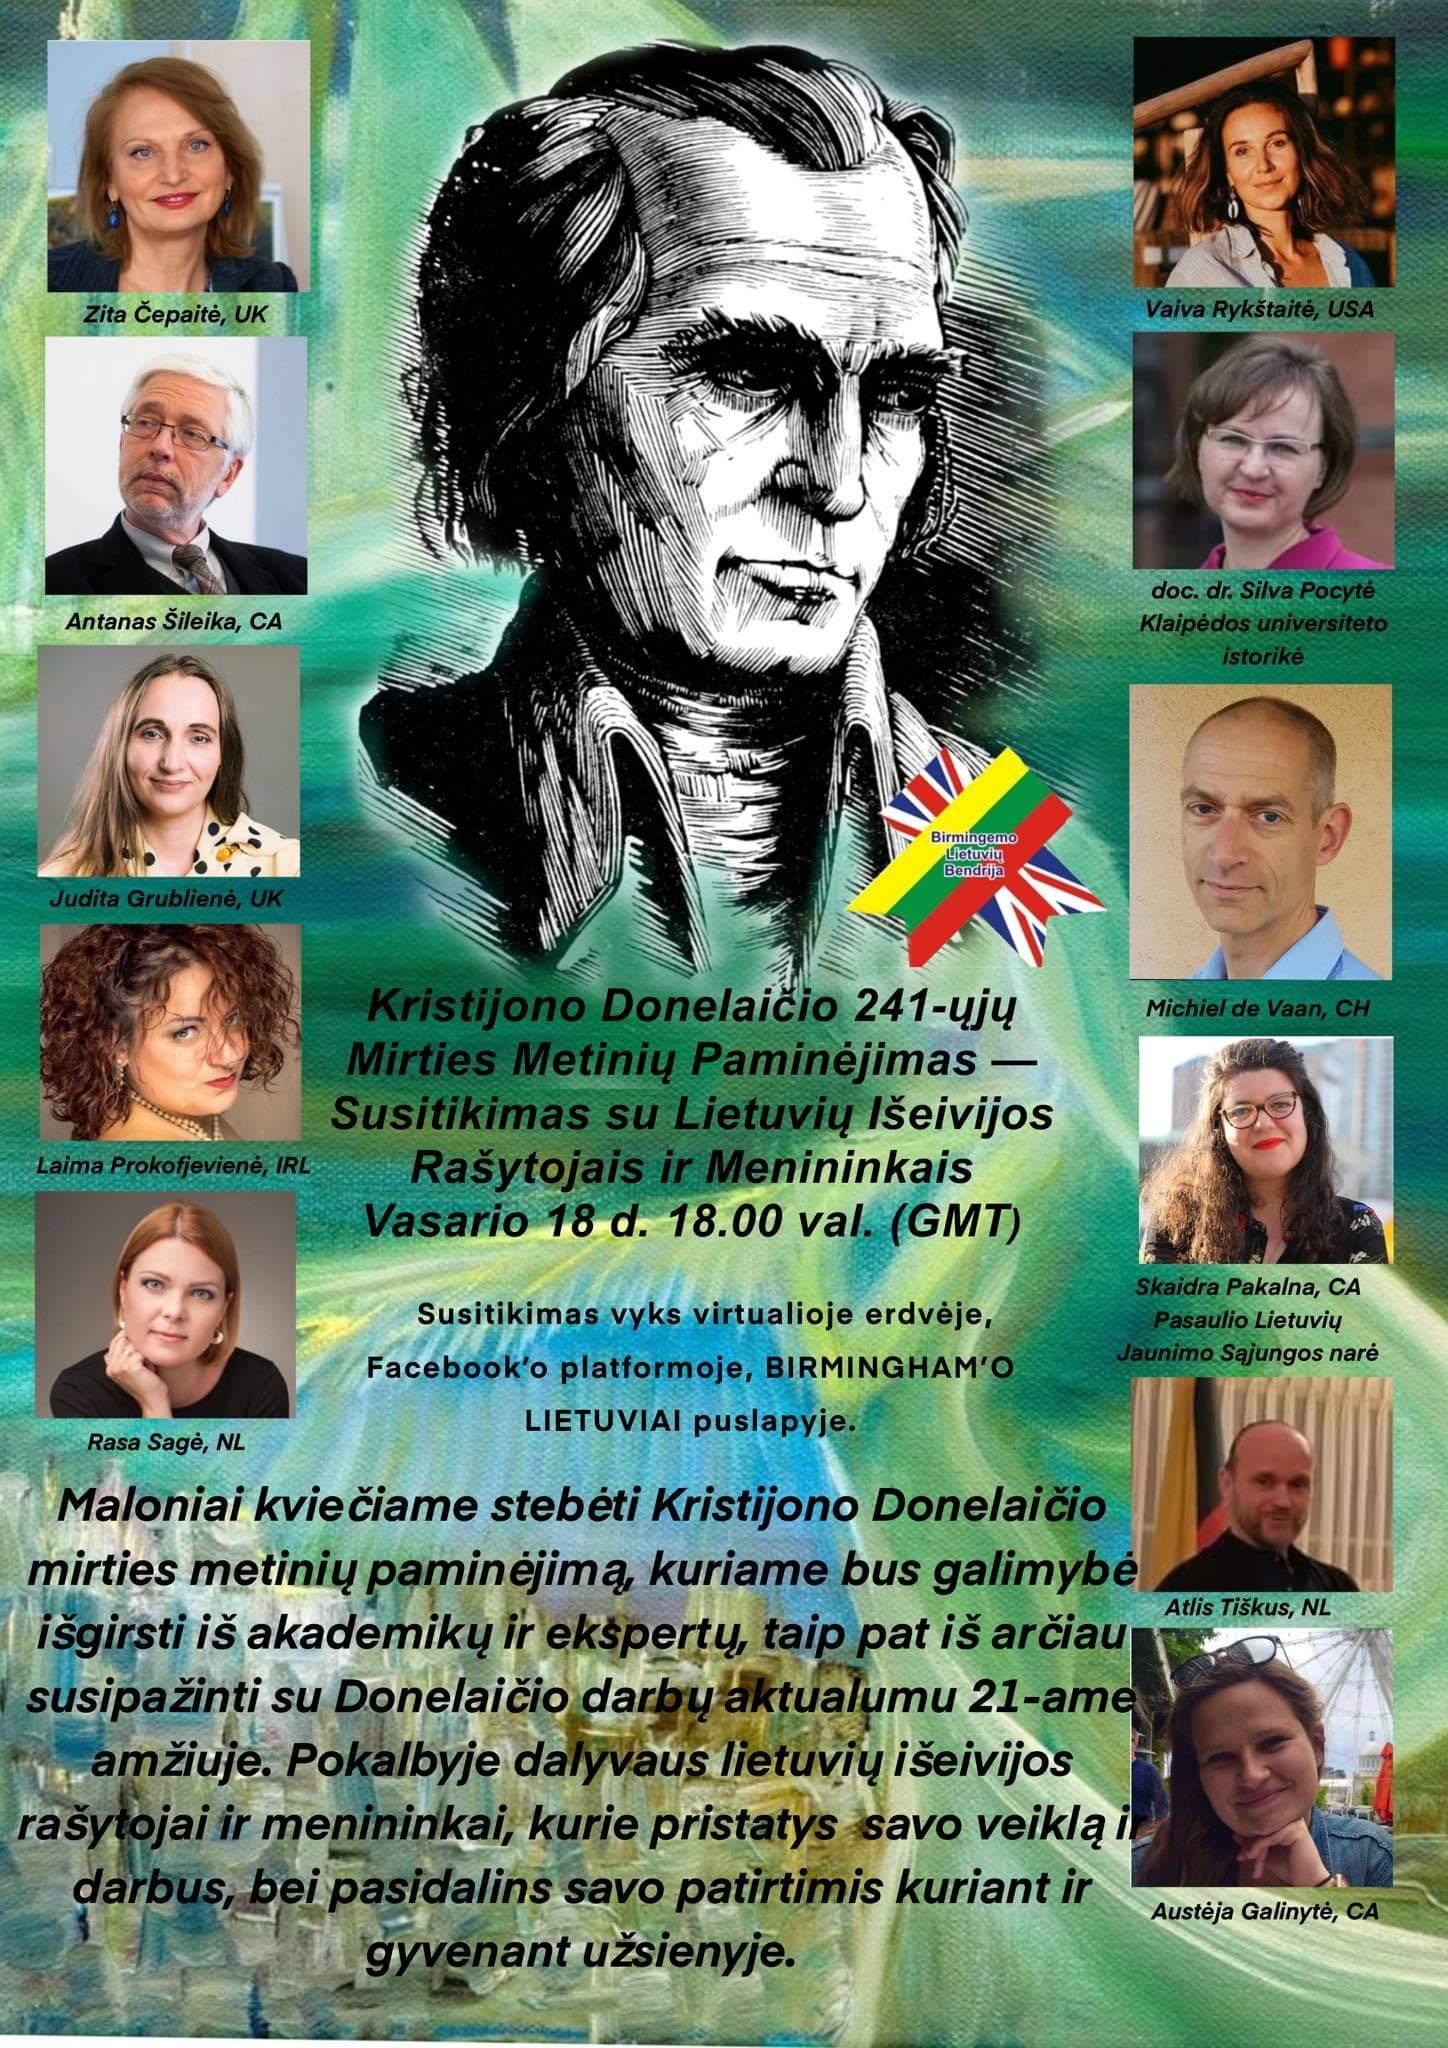 K.Donelaičio mirties metinių minėjimas kartu su lietuvių rašytojais ir menininkais